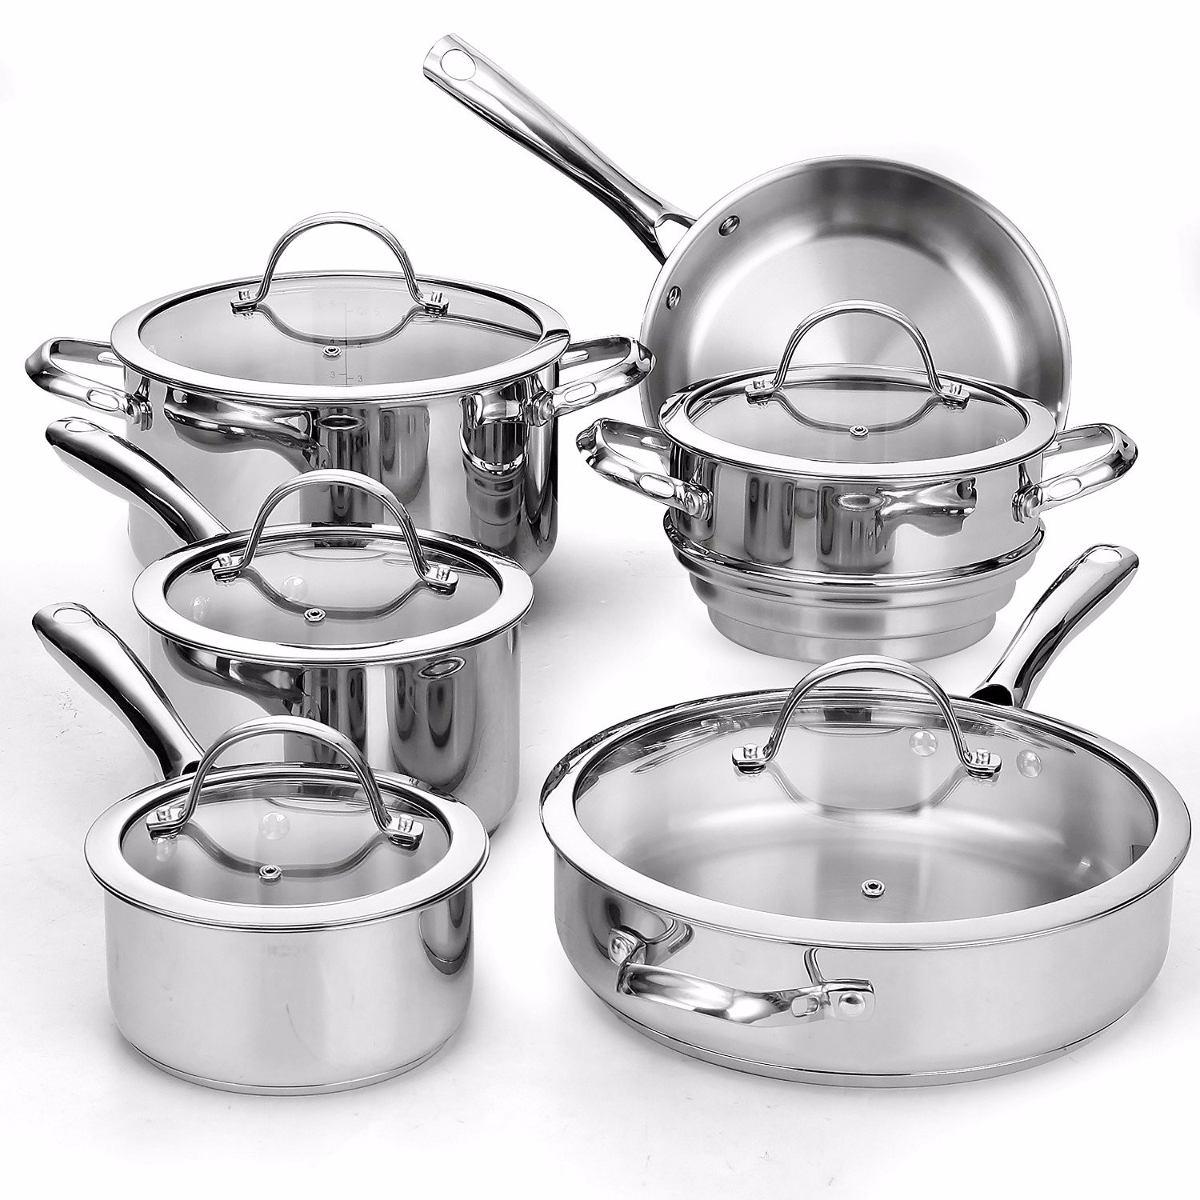 Set Utensilios De Cocina 11 Piezas Acero Inoxidable Sartenes ...